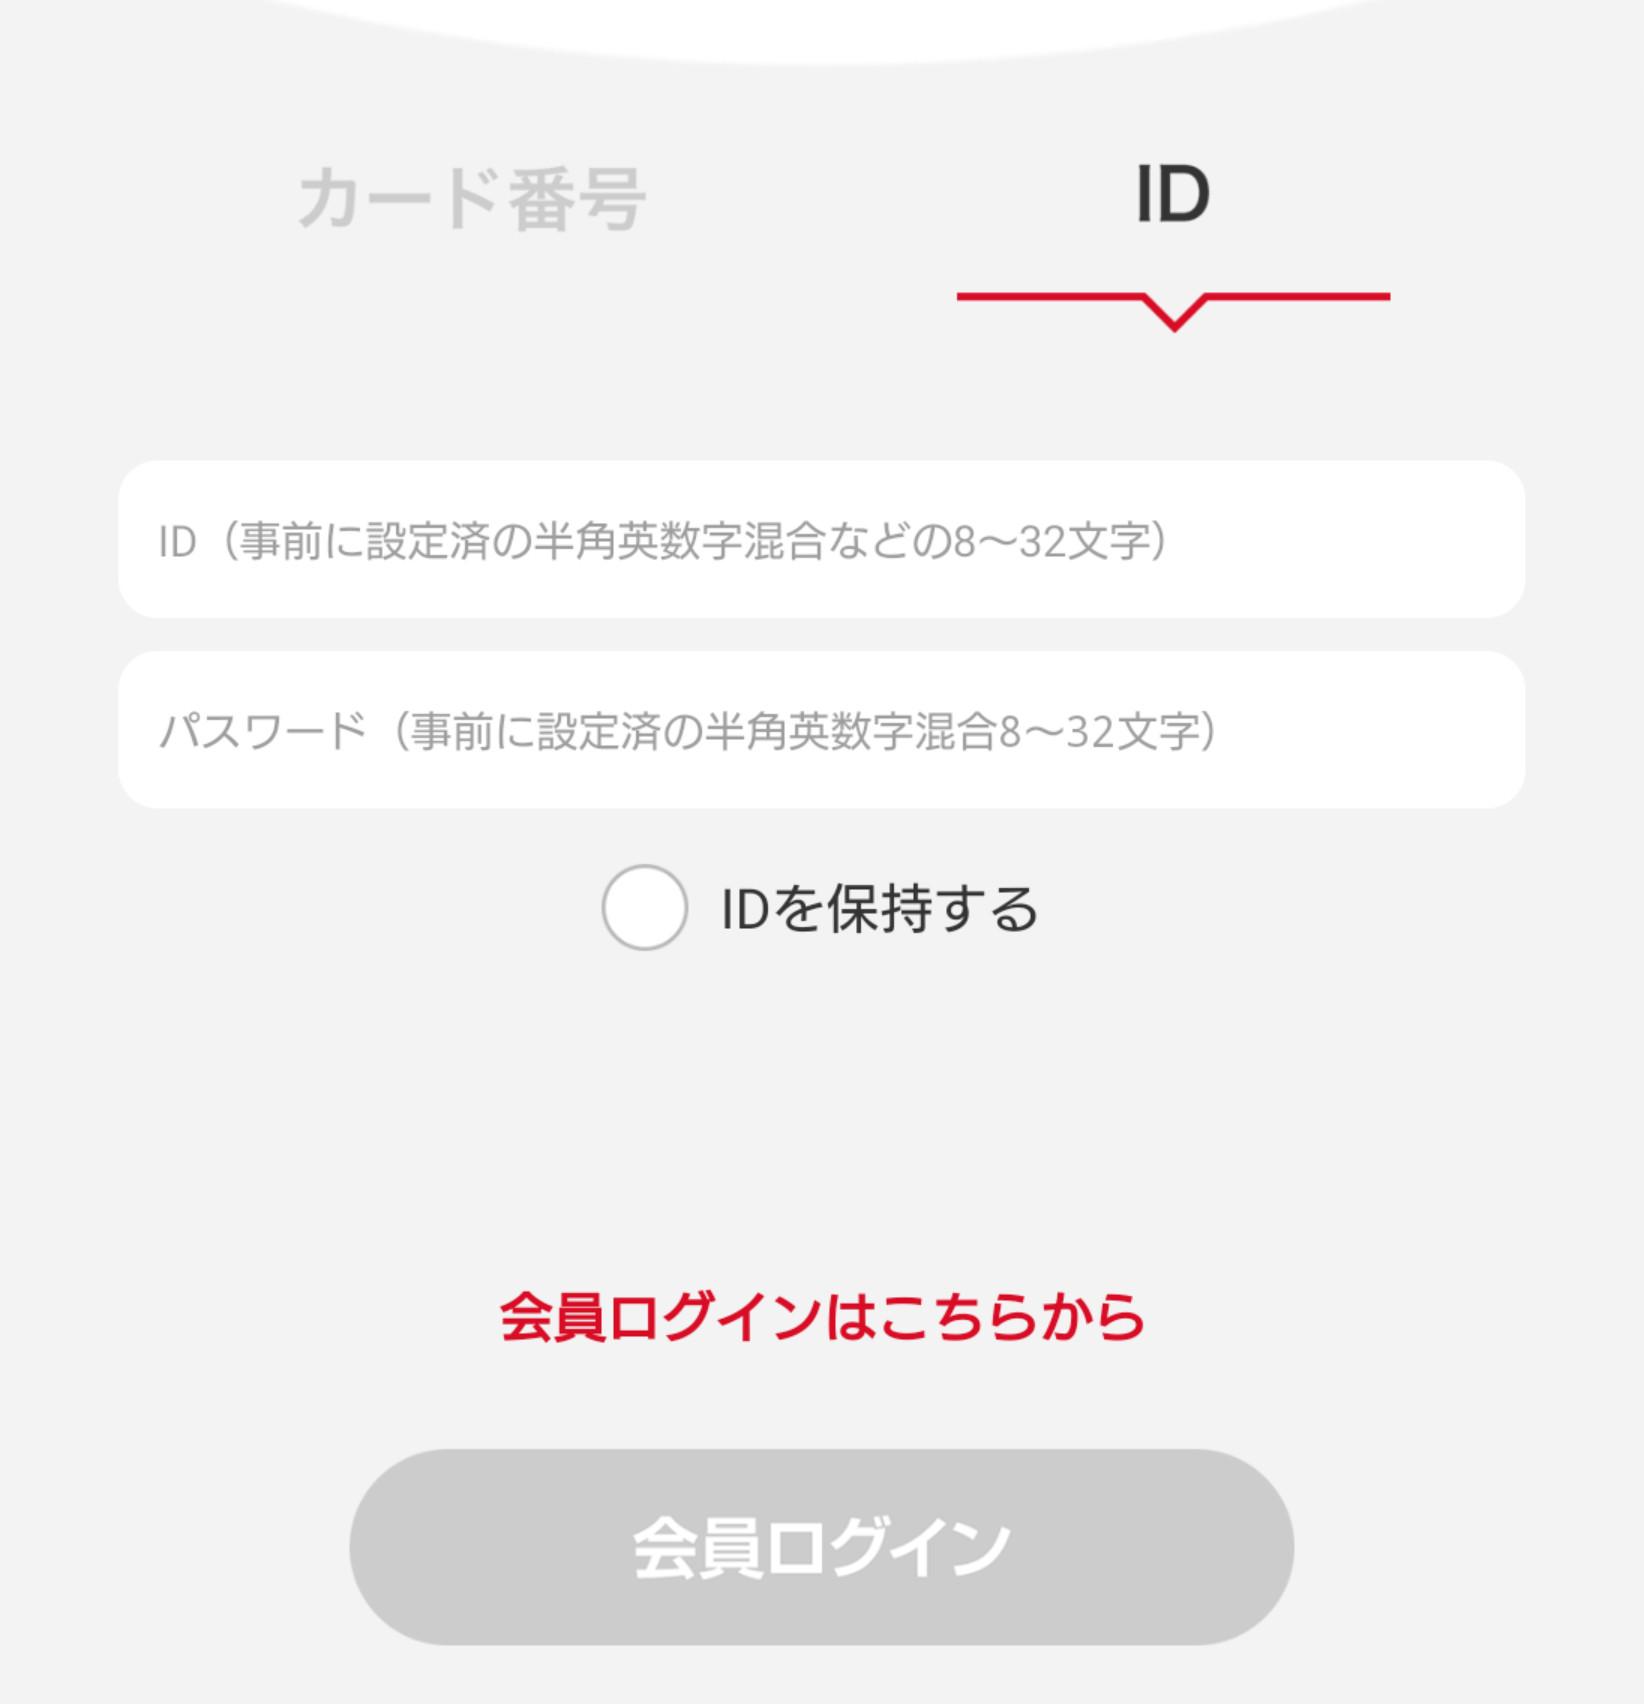 アイフルアプリをIDとパスワードでログインする画面